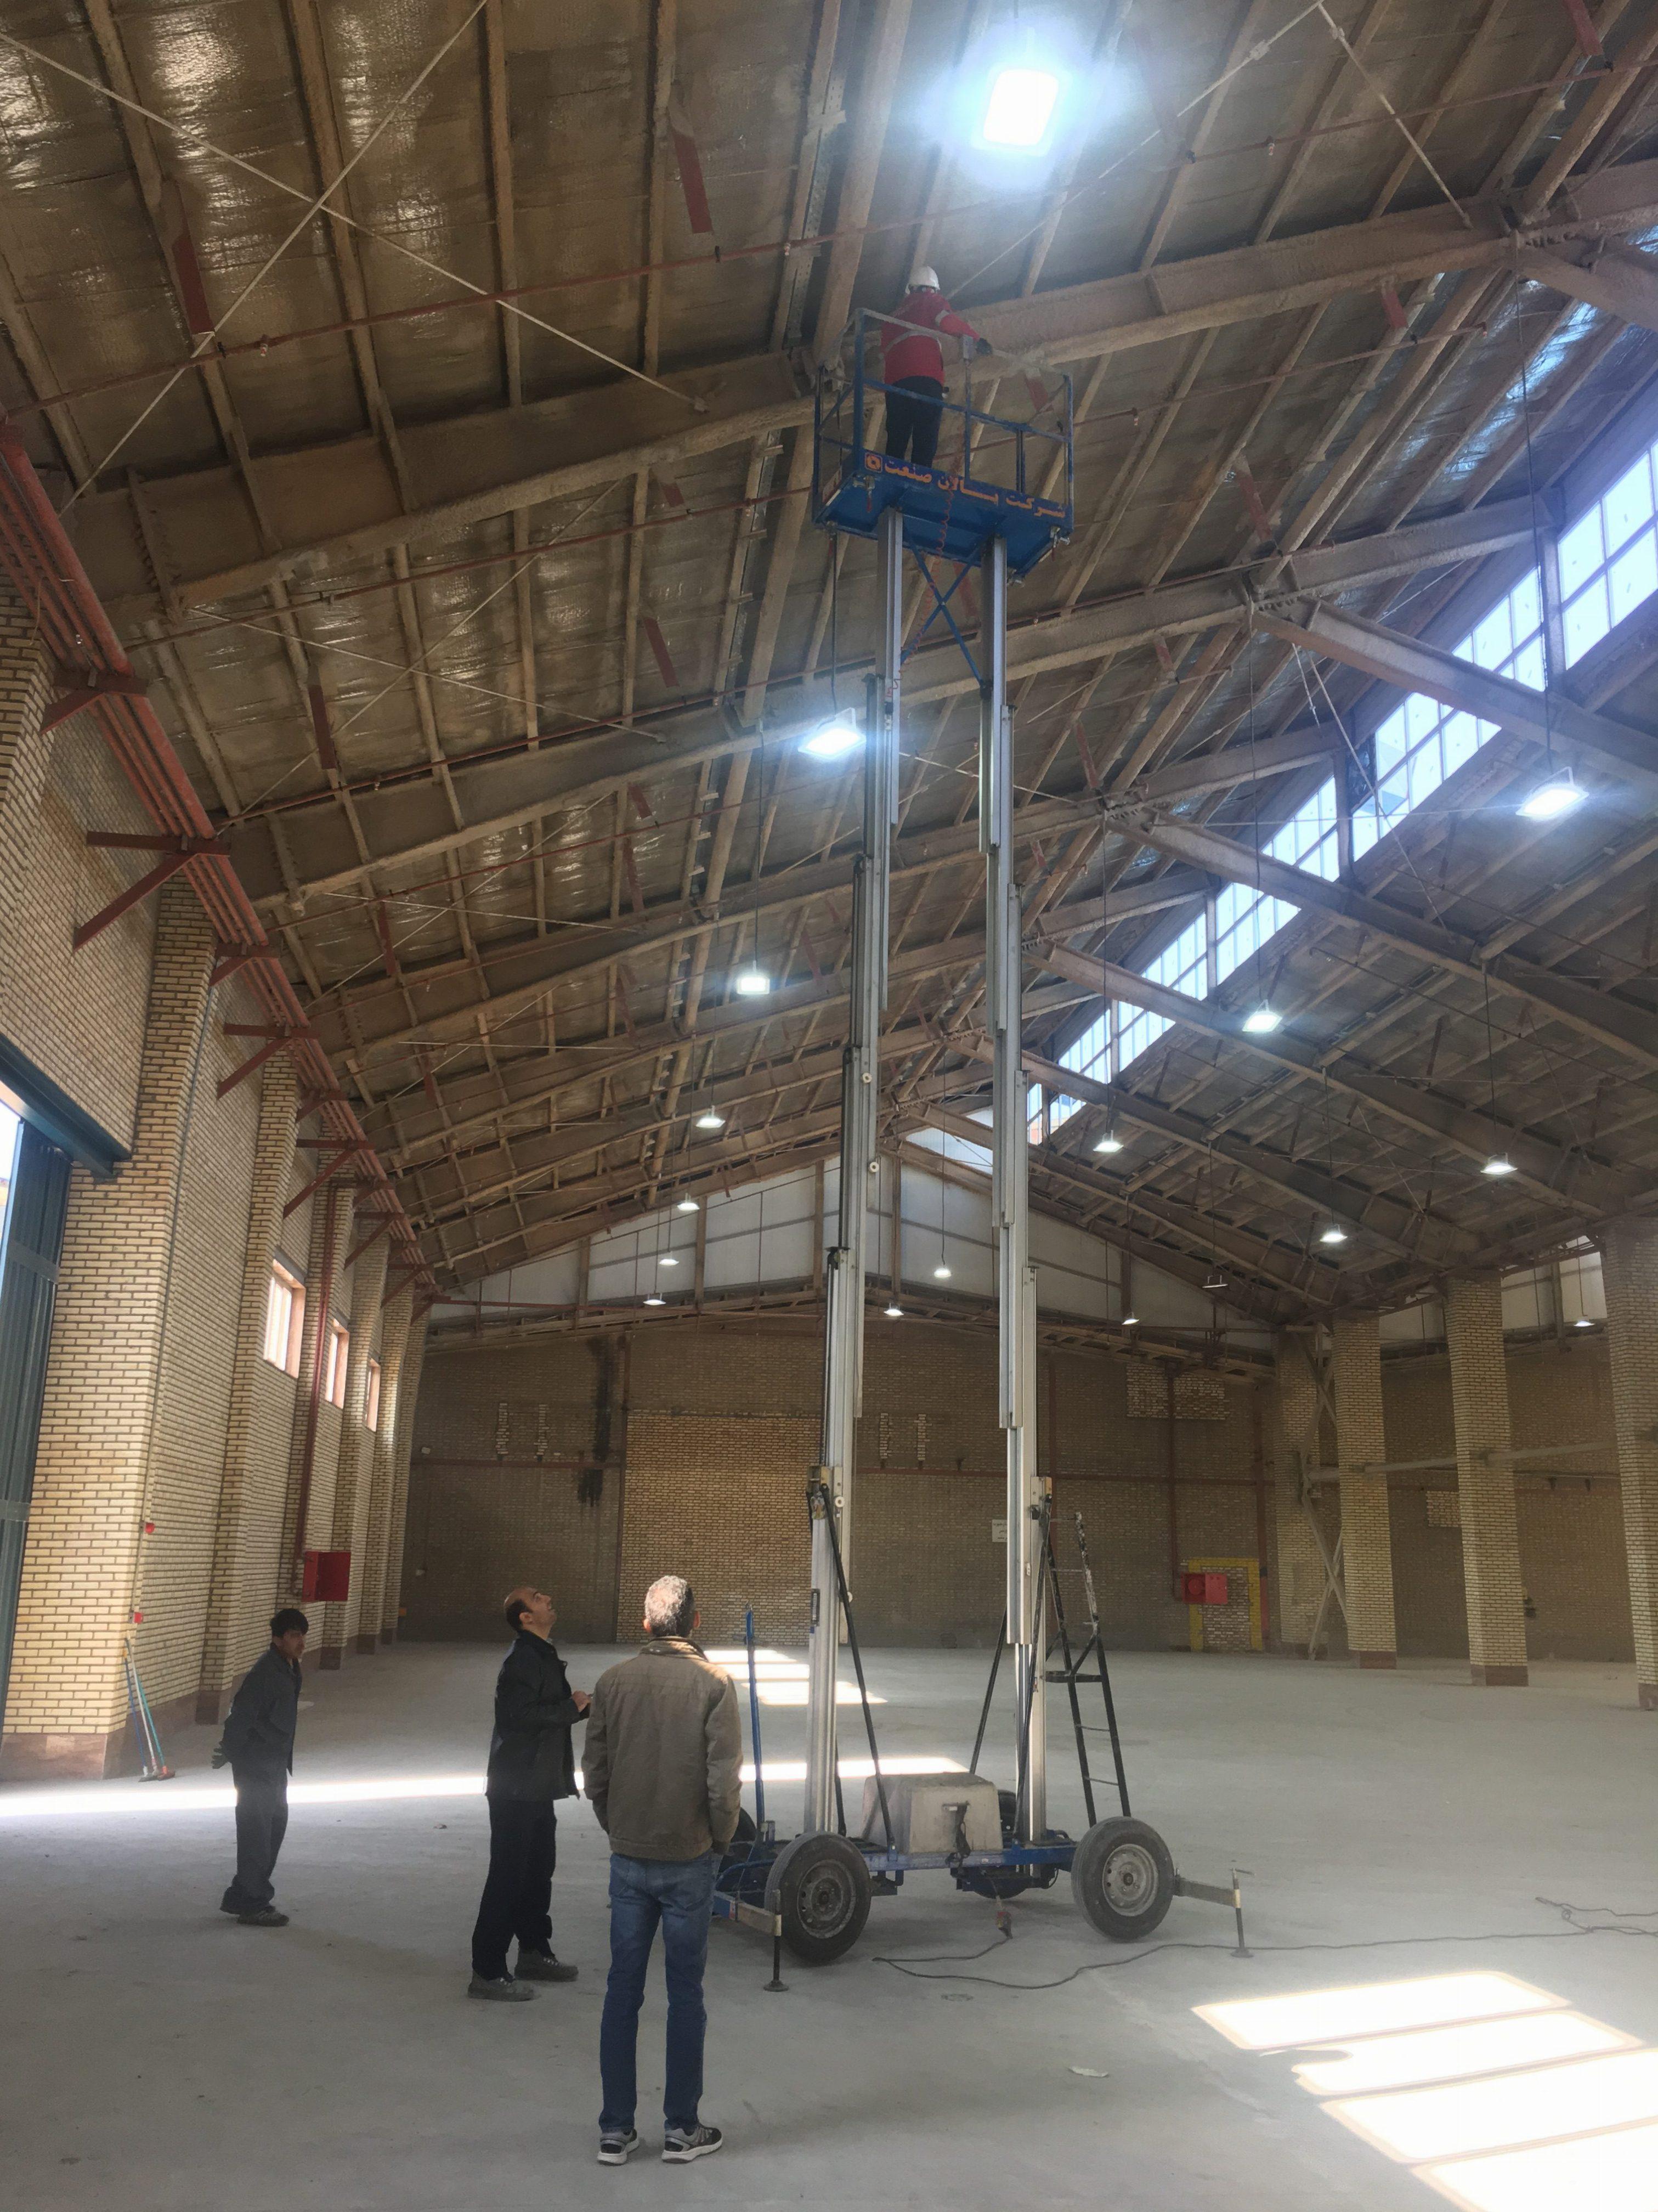 پوشش ضد حریق ساختمان و اجرای آن روی اسکلت فلزی